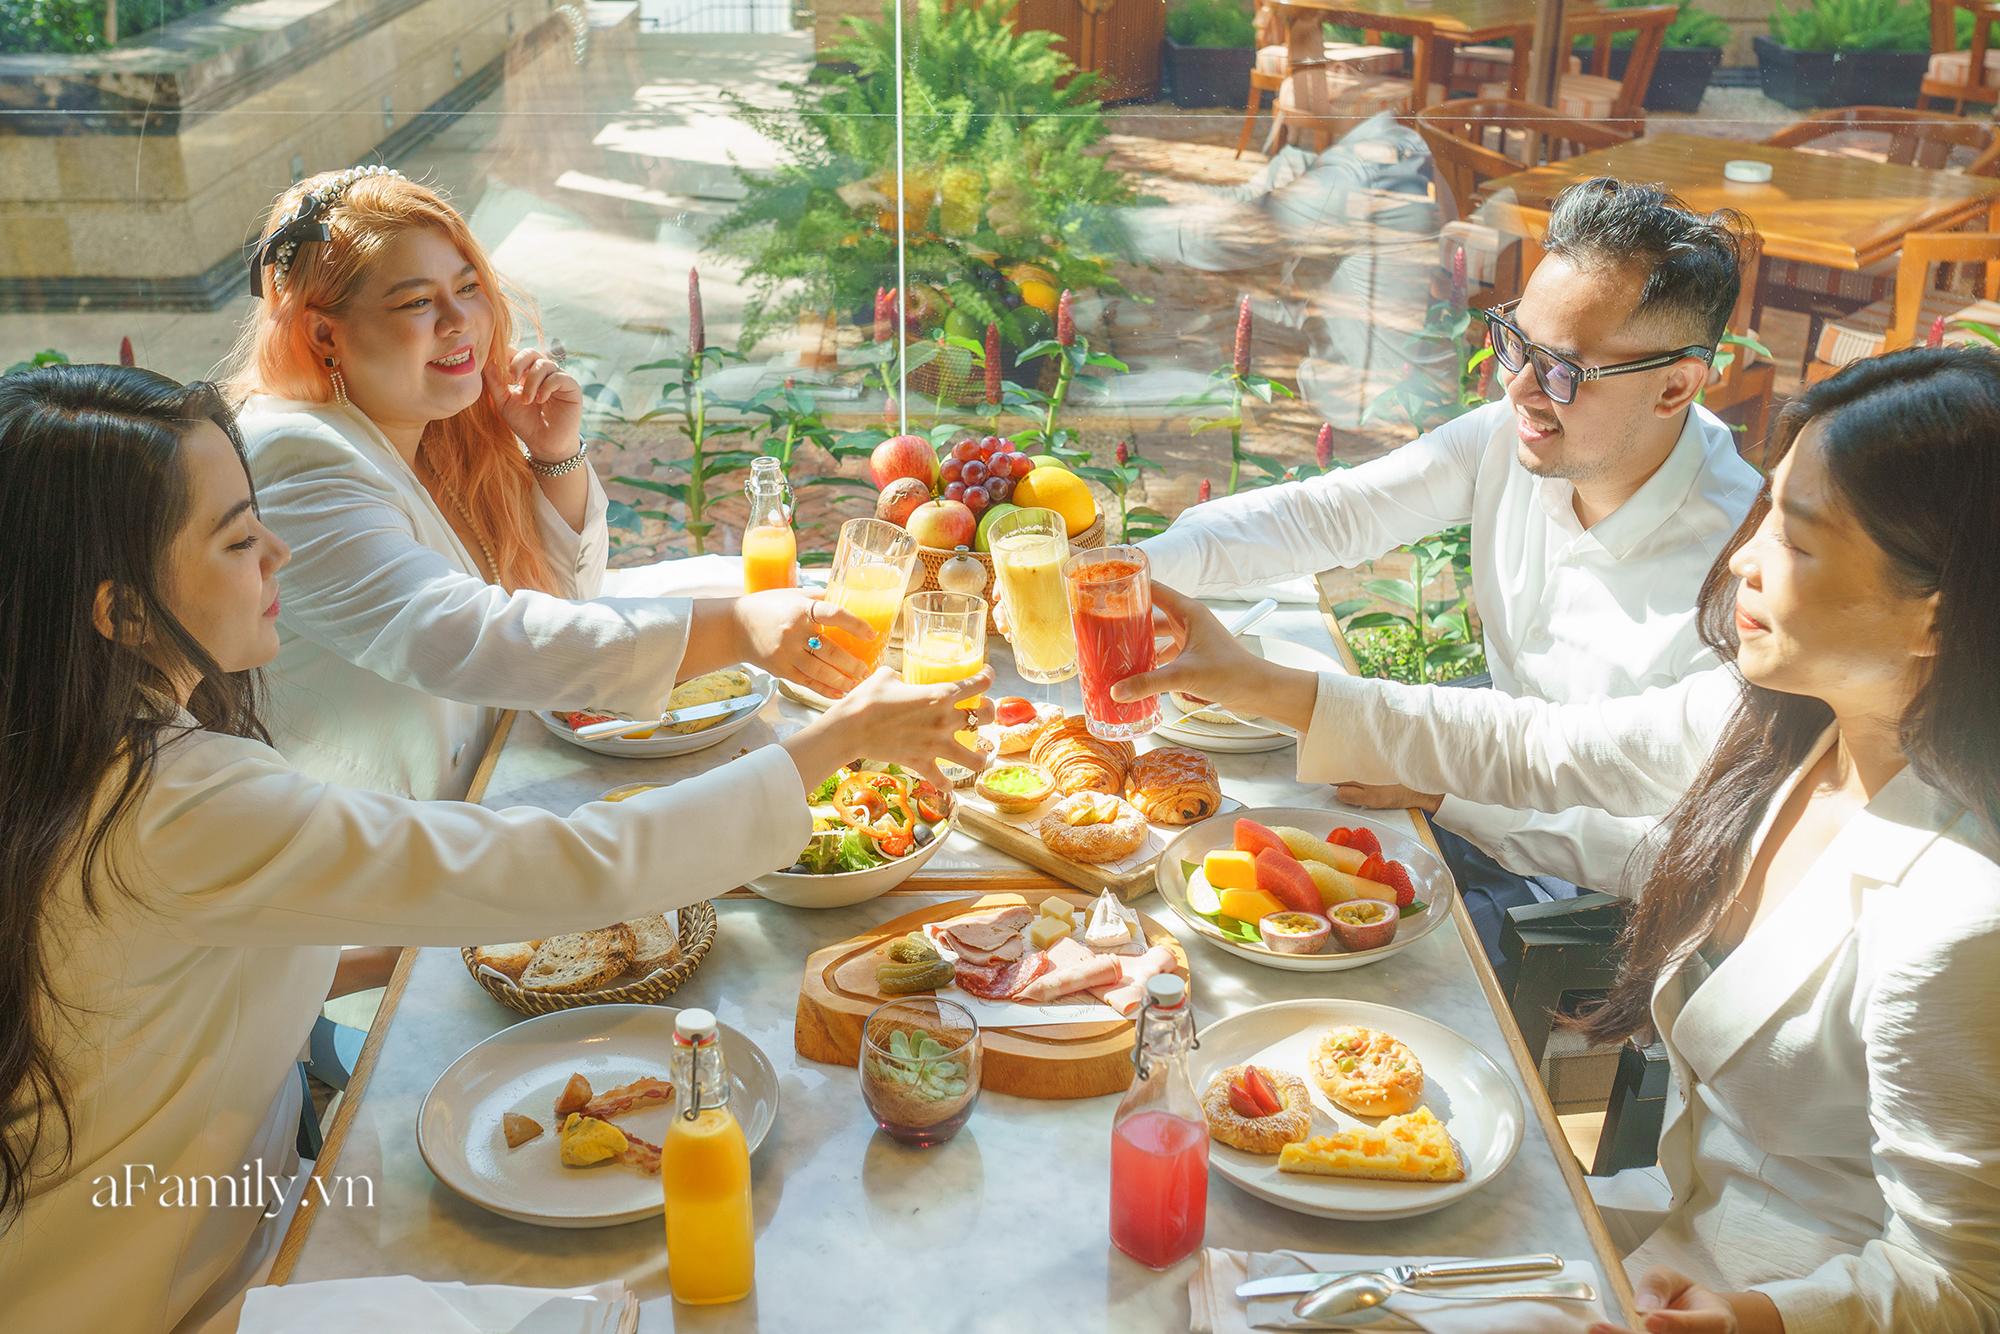 Nhiều người Sài Gòn chọn trải nghiệm kỳ nghỉ 2/9 tại các khách sạn 5 sao vì giá quá hời chỉ bằng một nửa so với ngày thường và đây là 3 nơi siêu lý tưởng  - Ảnh 5.